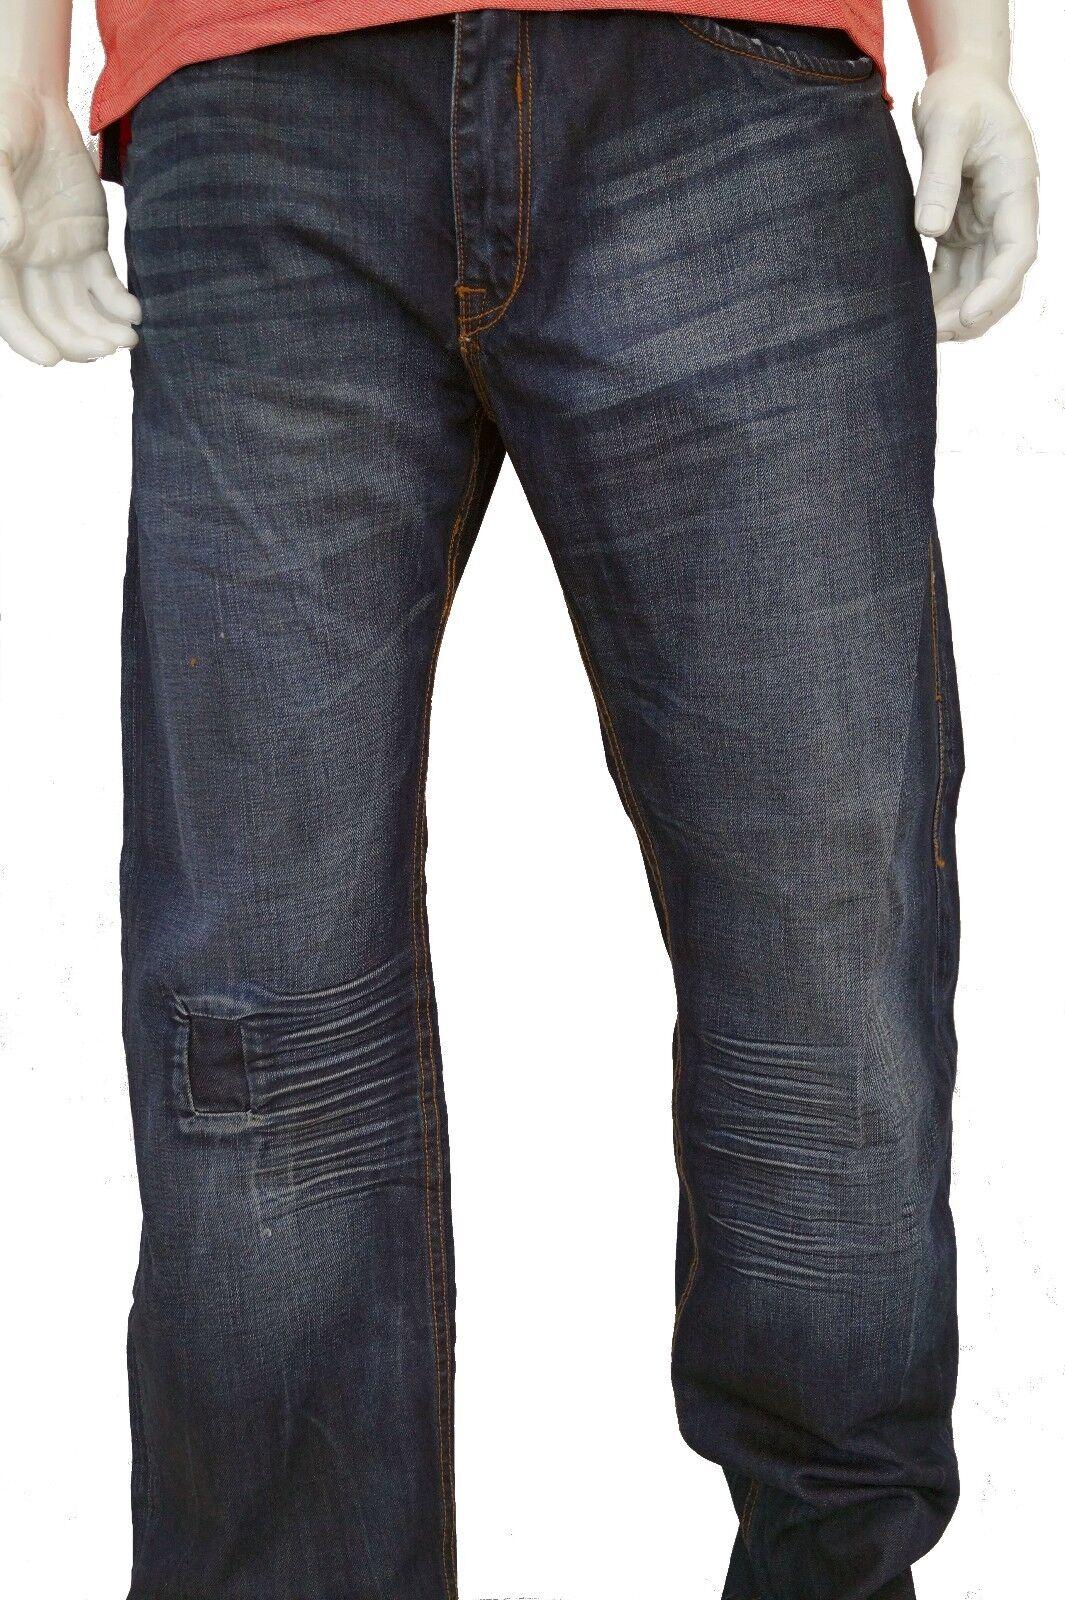 Rocawear Uomo Original Original Original Fit Uomo Jeans mano pesante 343a5b